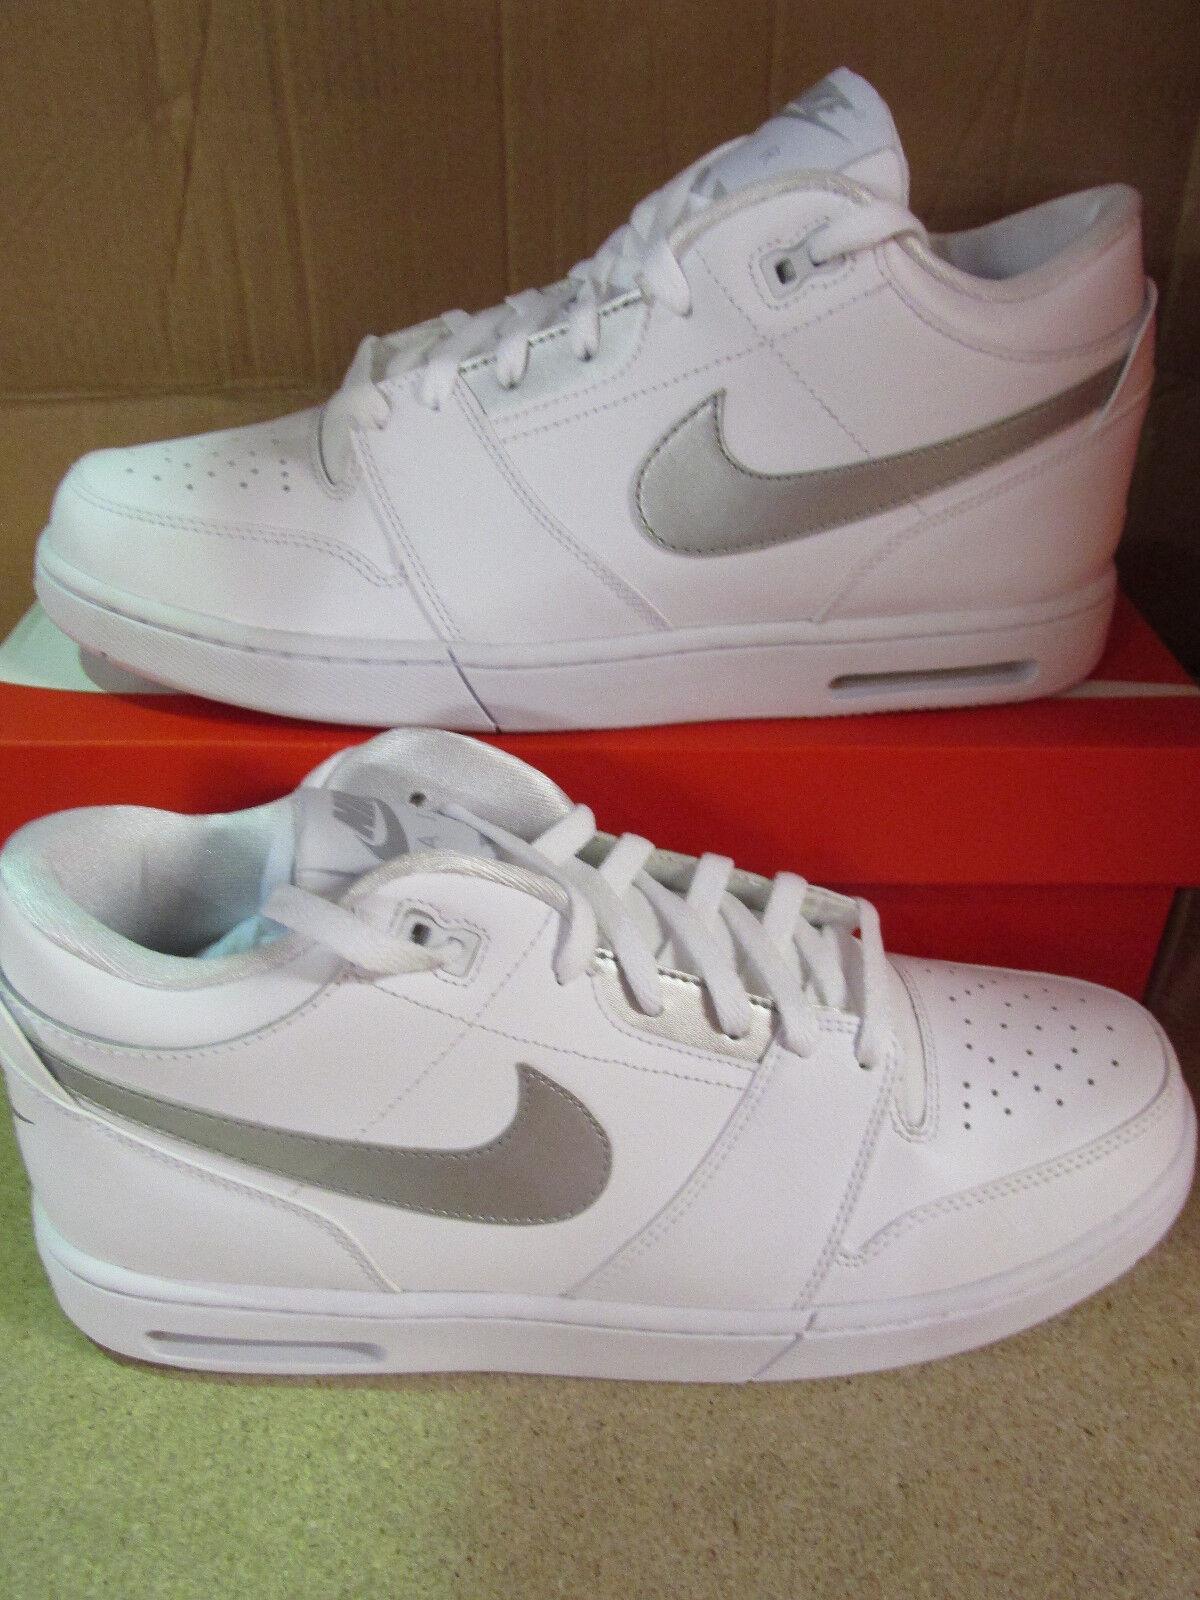 Nike Air Stepback Scarpe Uomo Alte da Basket 654476 102 Scarpe da Tennis Scarpe classiche da uomo